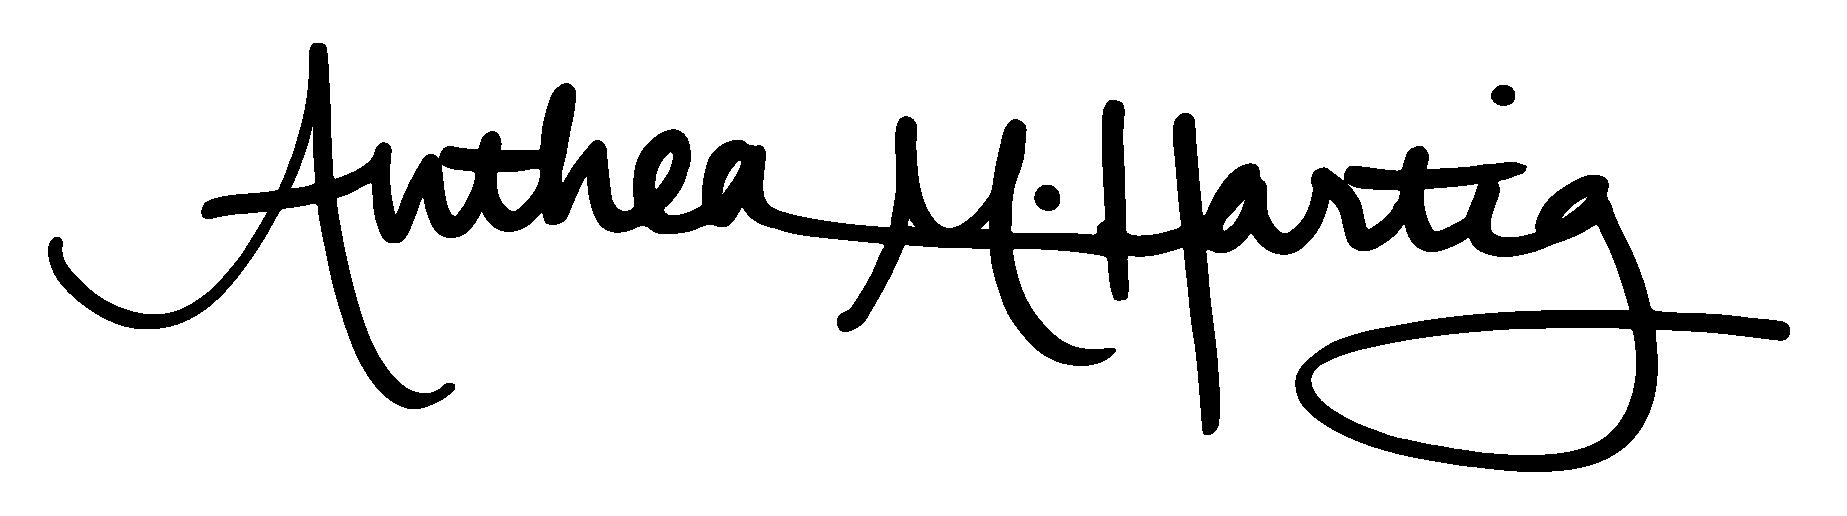 Anthea M. Hartig (signature)